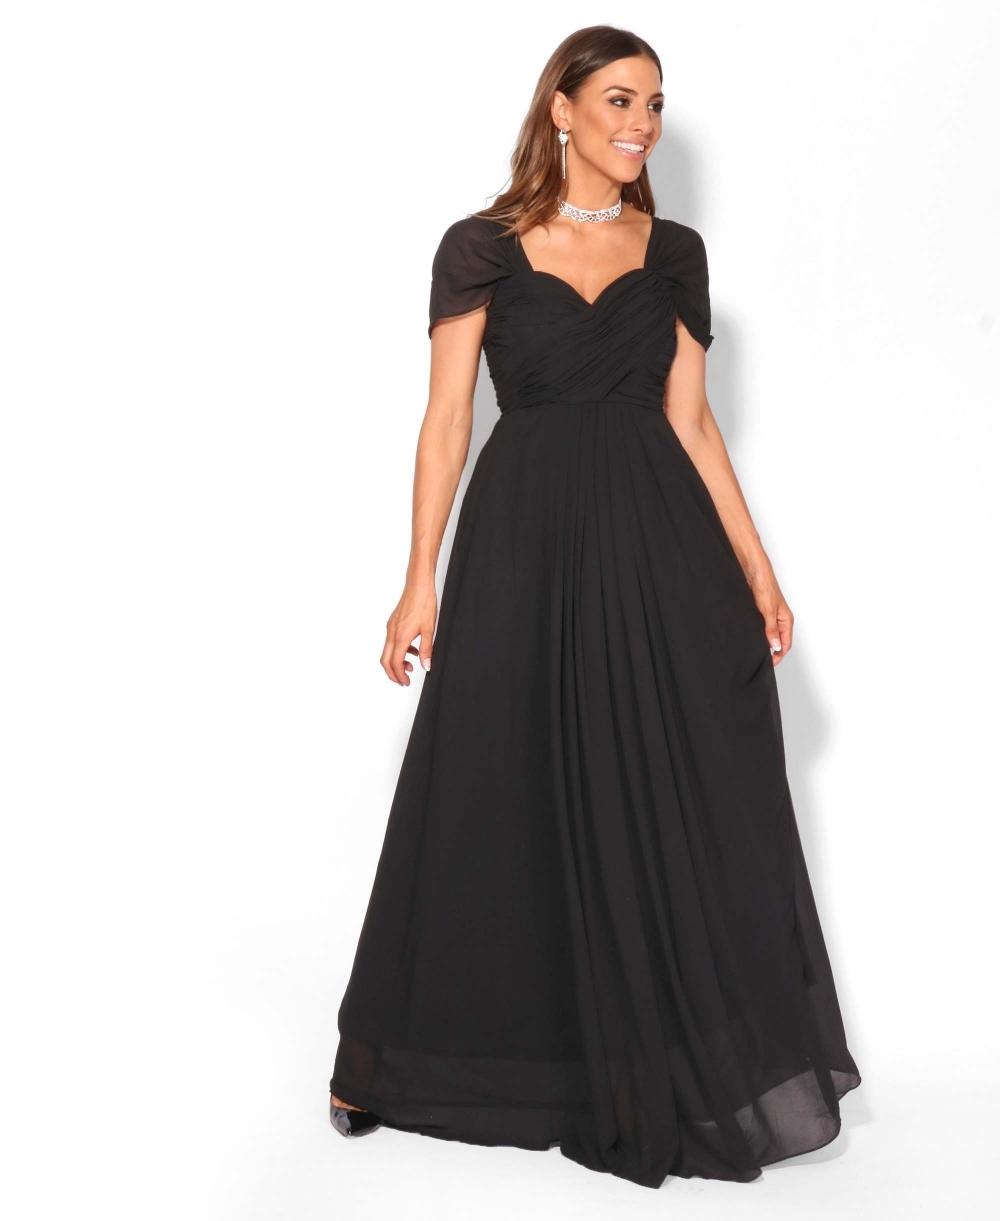 Dressing Gowns Uk: Cross Pleats Maxi Prom Dress